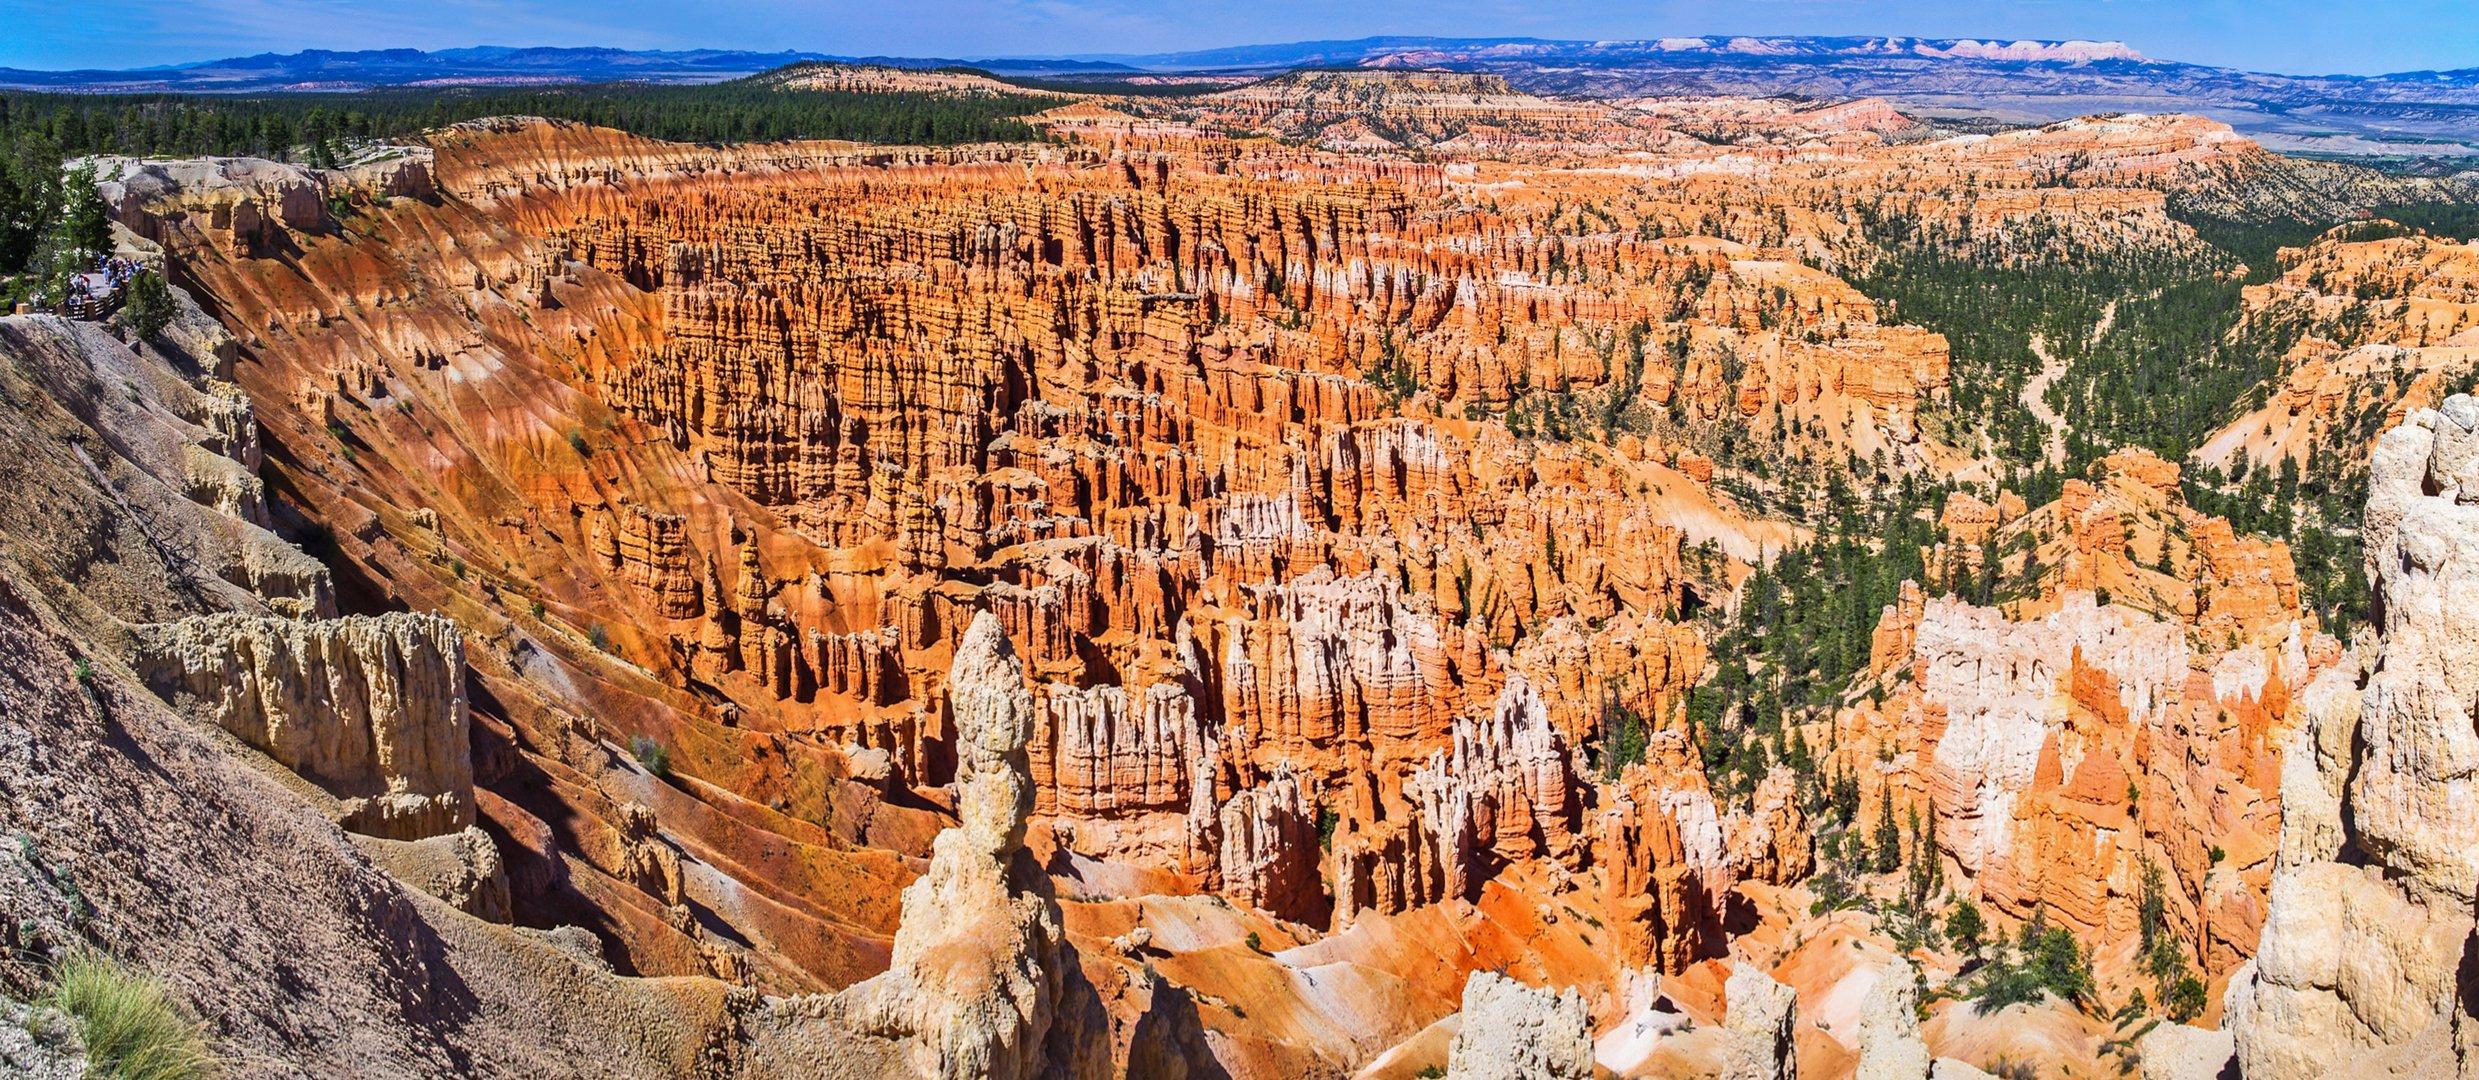 Das Amphitheater des Bryce-Canyon